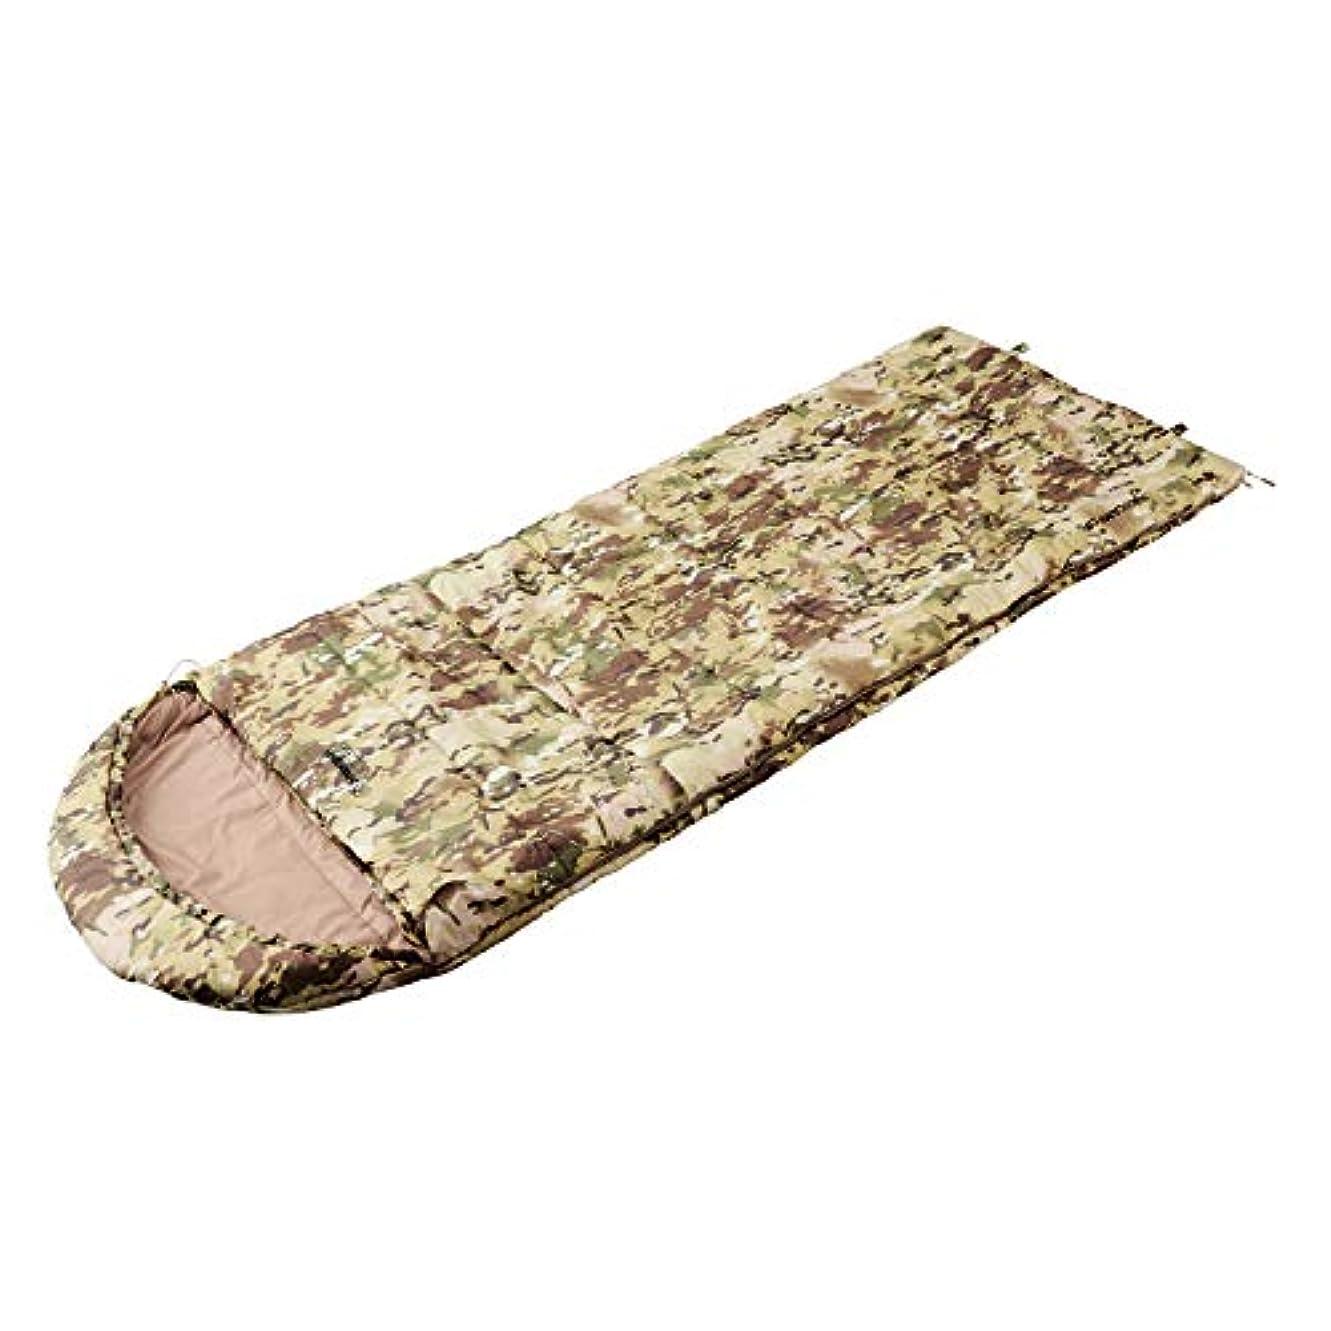 ファンタジークラシックサーバントSnugpak(スナグパック) 寝袋 マリナー スクエア ライトハンド テレインカモ [快適使用温度-2度] (日本正規品)